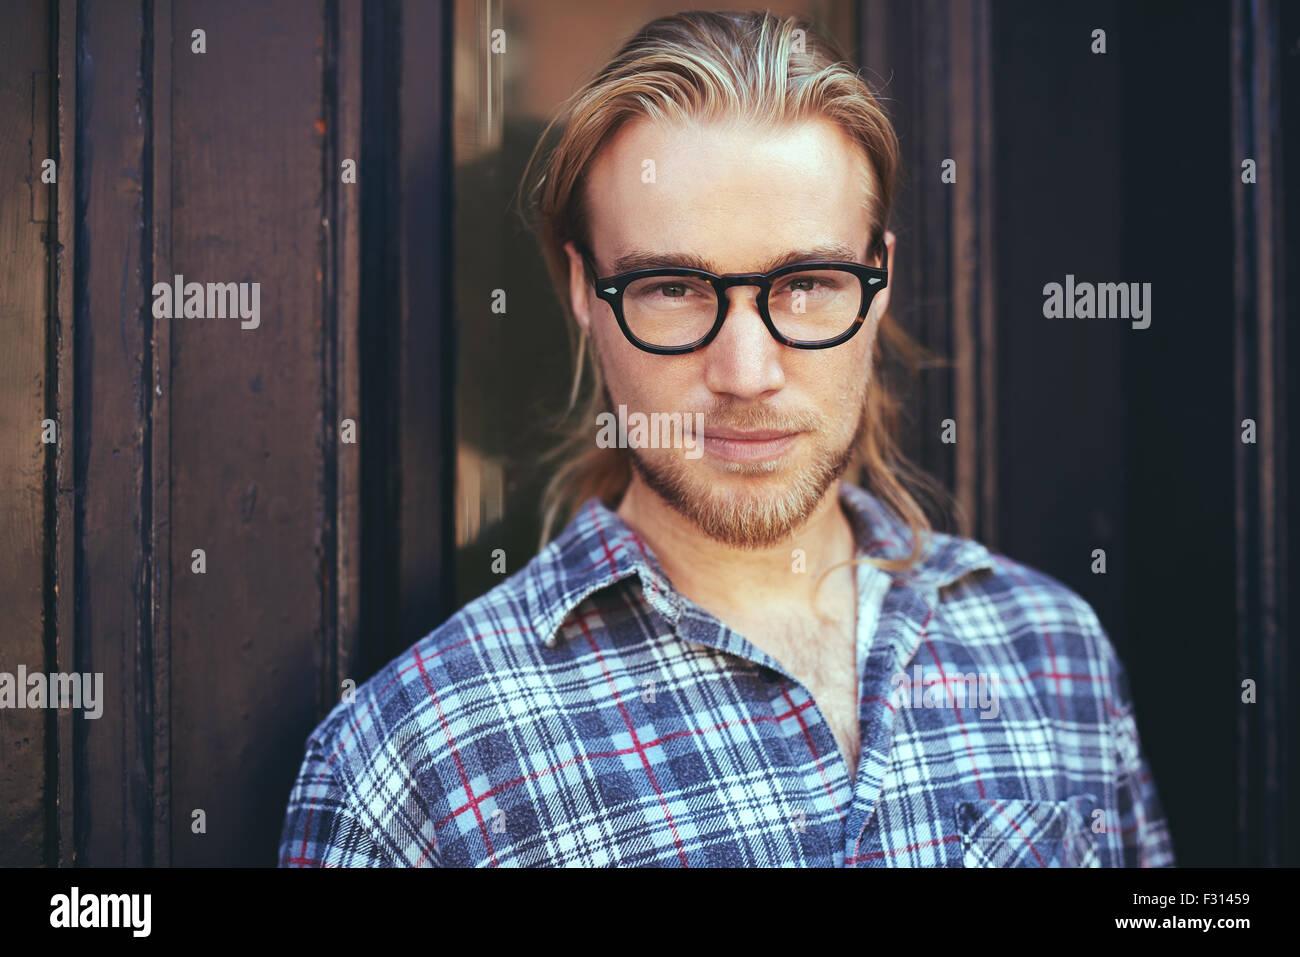 Closeup ritratto di uomo biondo con i capelli lunghi e gli occhiali. Considerato l'uomo Immagini Stock